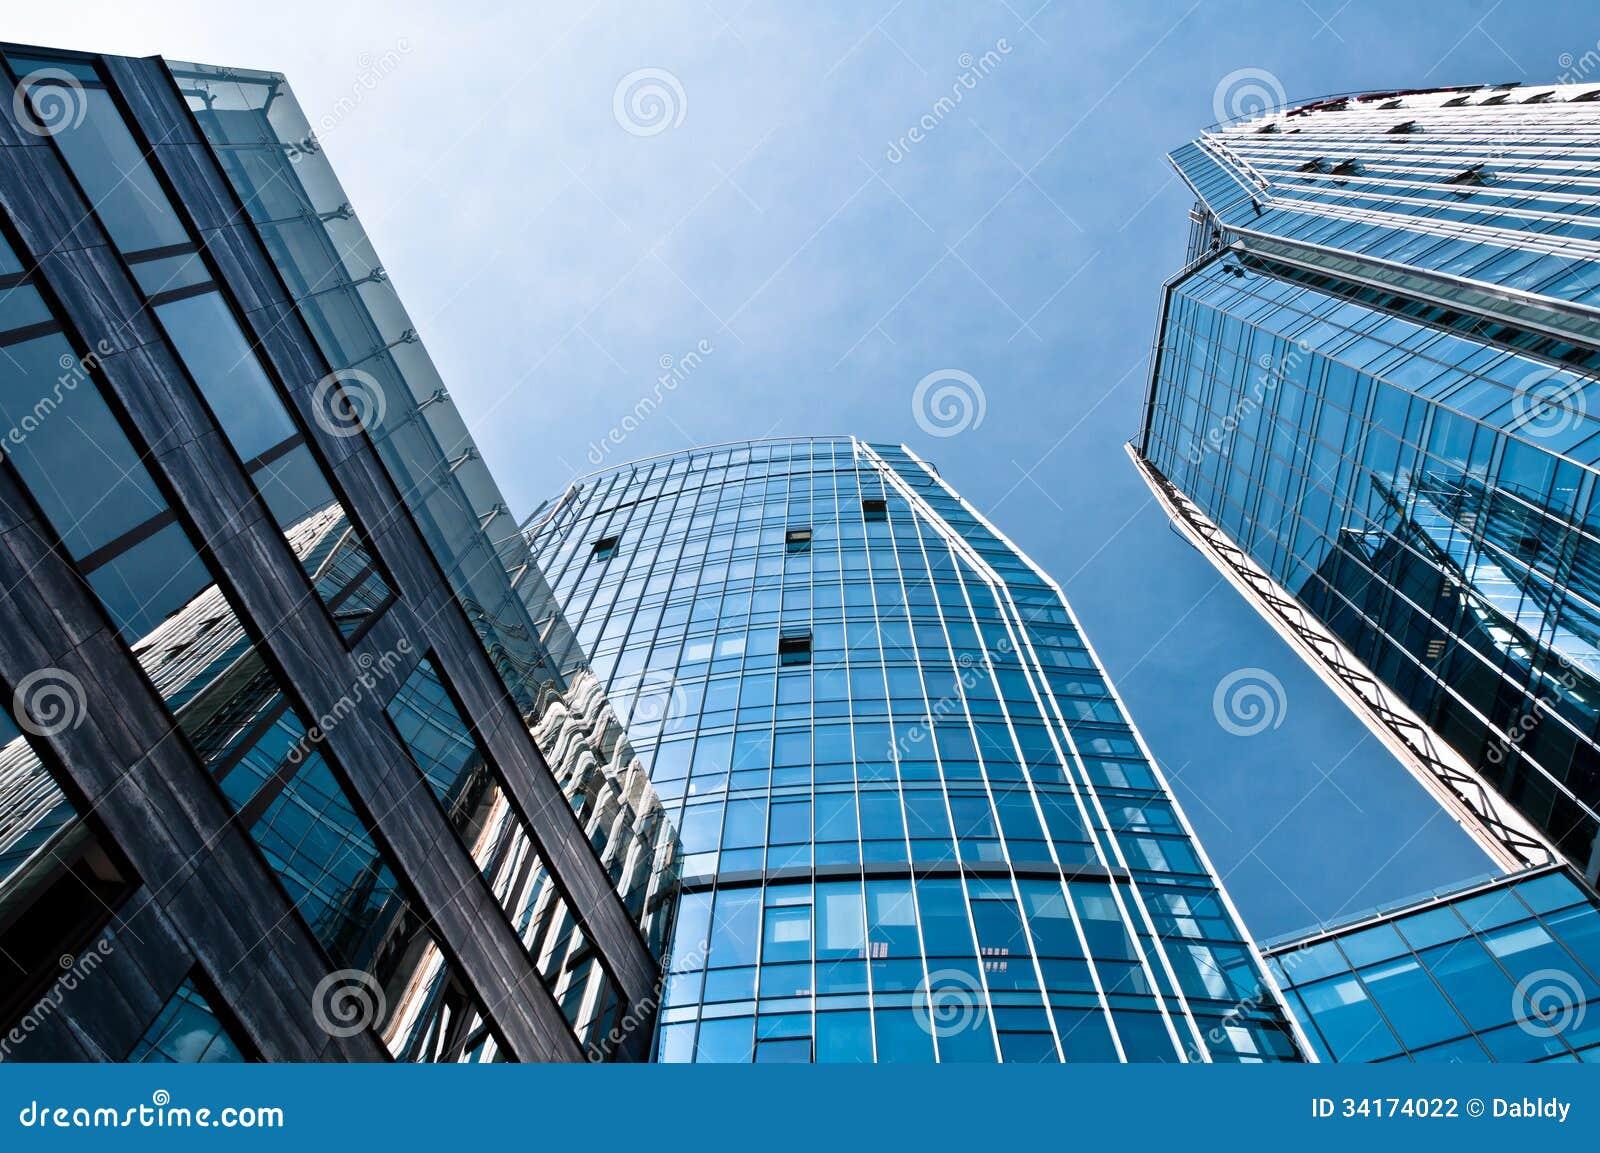 Blaue Moderne Architektur Gebaude Stockfoto Bild Von Fassade